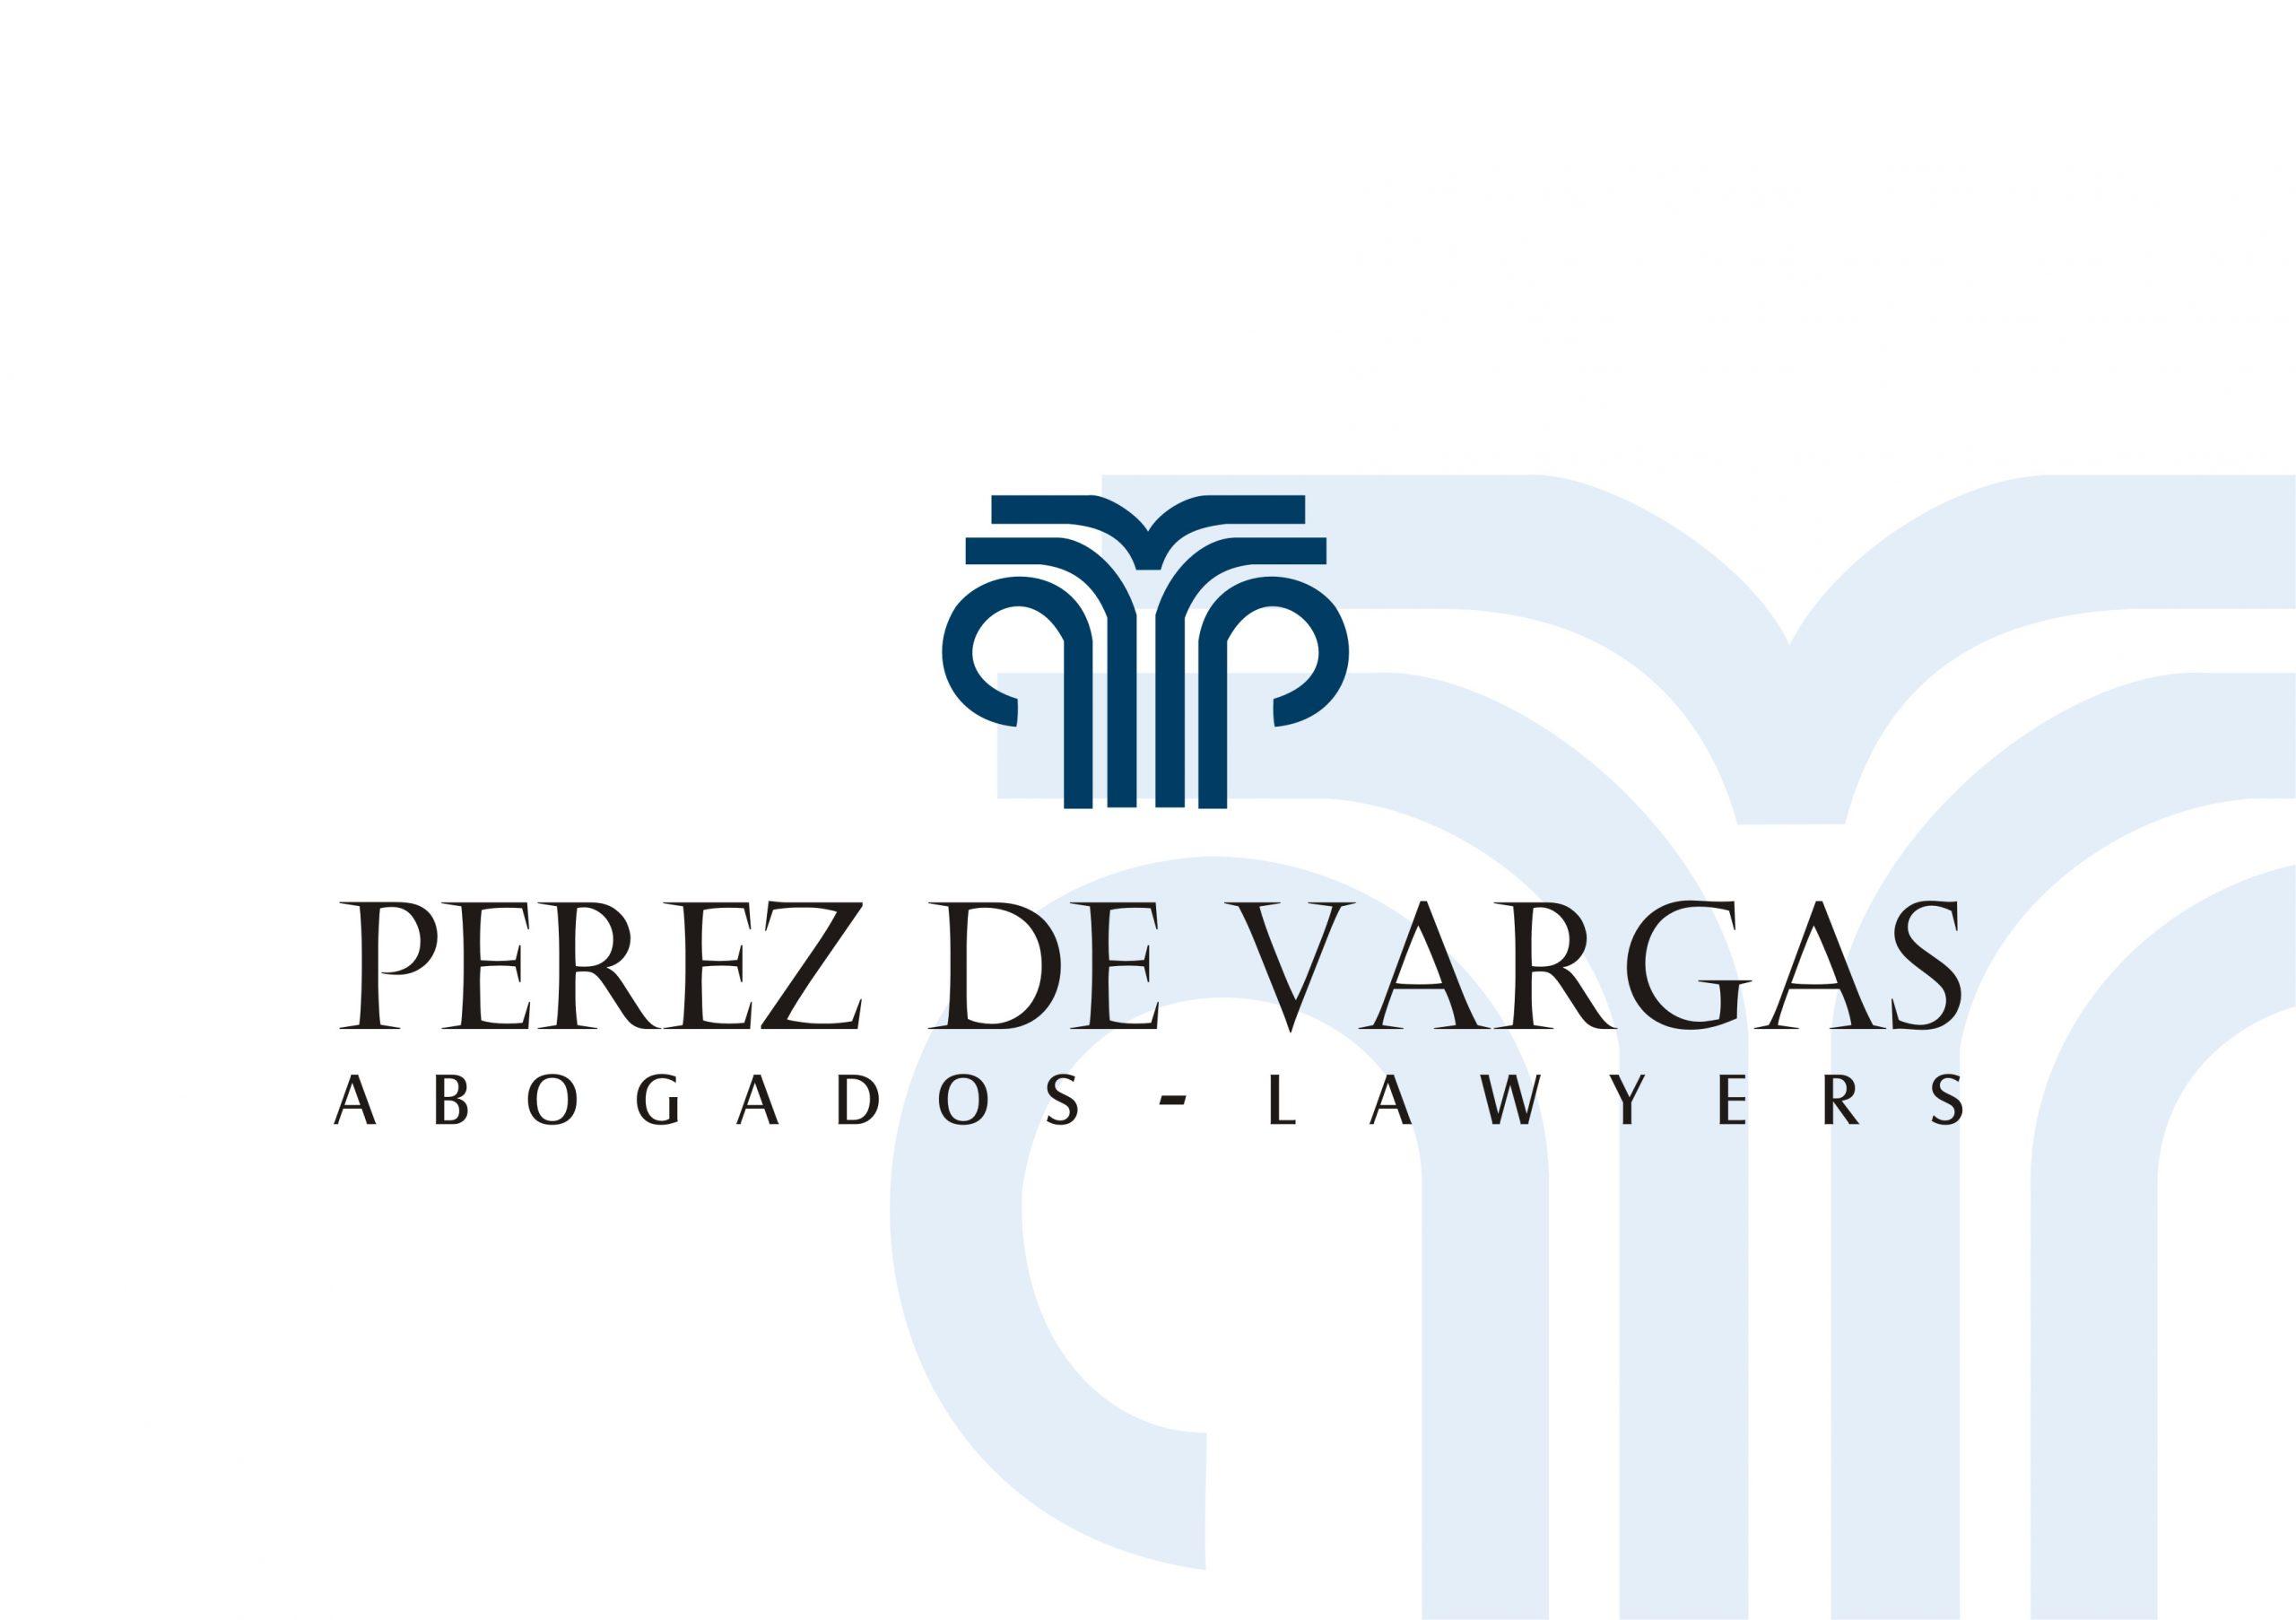 A4 MODELO 2 PEREZ DE VARGAS Scaled